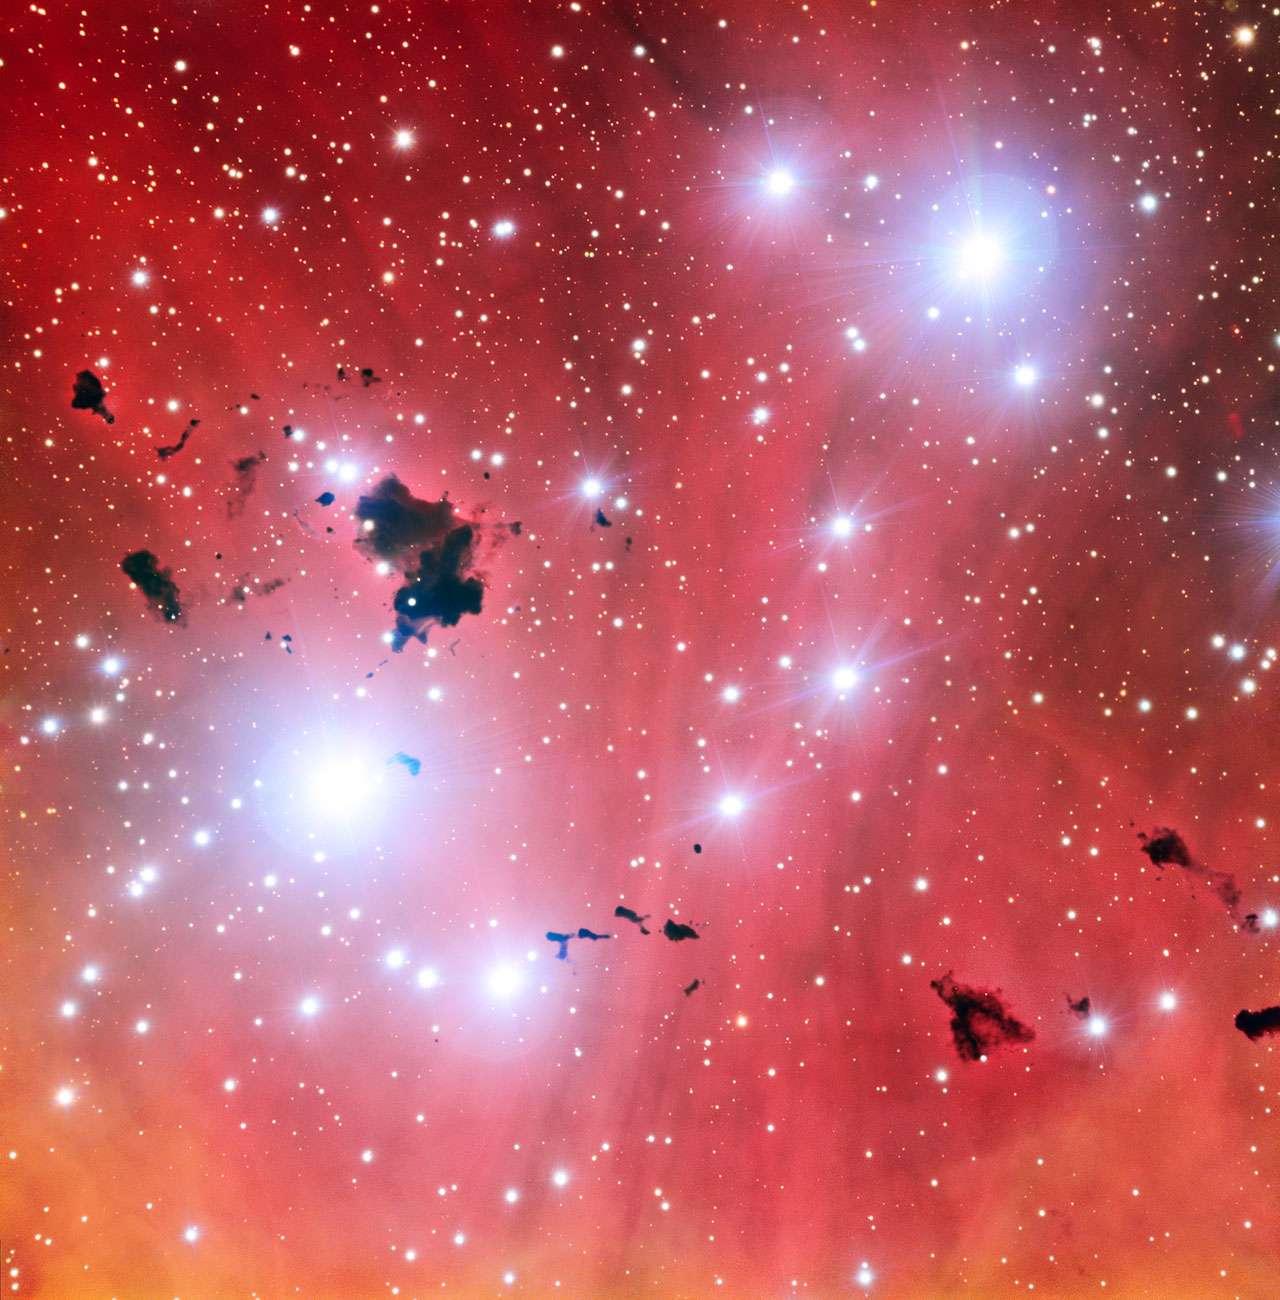 La publication de cette nouvelle image de la spectaculaire pépinière d'étoiles IC 2944 célèbre un événement important : les 15 années du VLT (Very Large Telescope) de l'ESO. Elle montre également un ensemble d'épais nuages de poussière, les globules de Thackeray, qui se détachent du gaz légèrement teinté de rose de la nébuleuse. © ESO